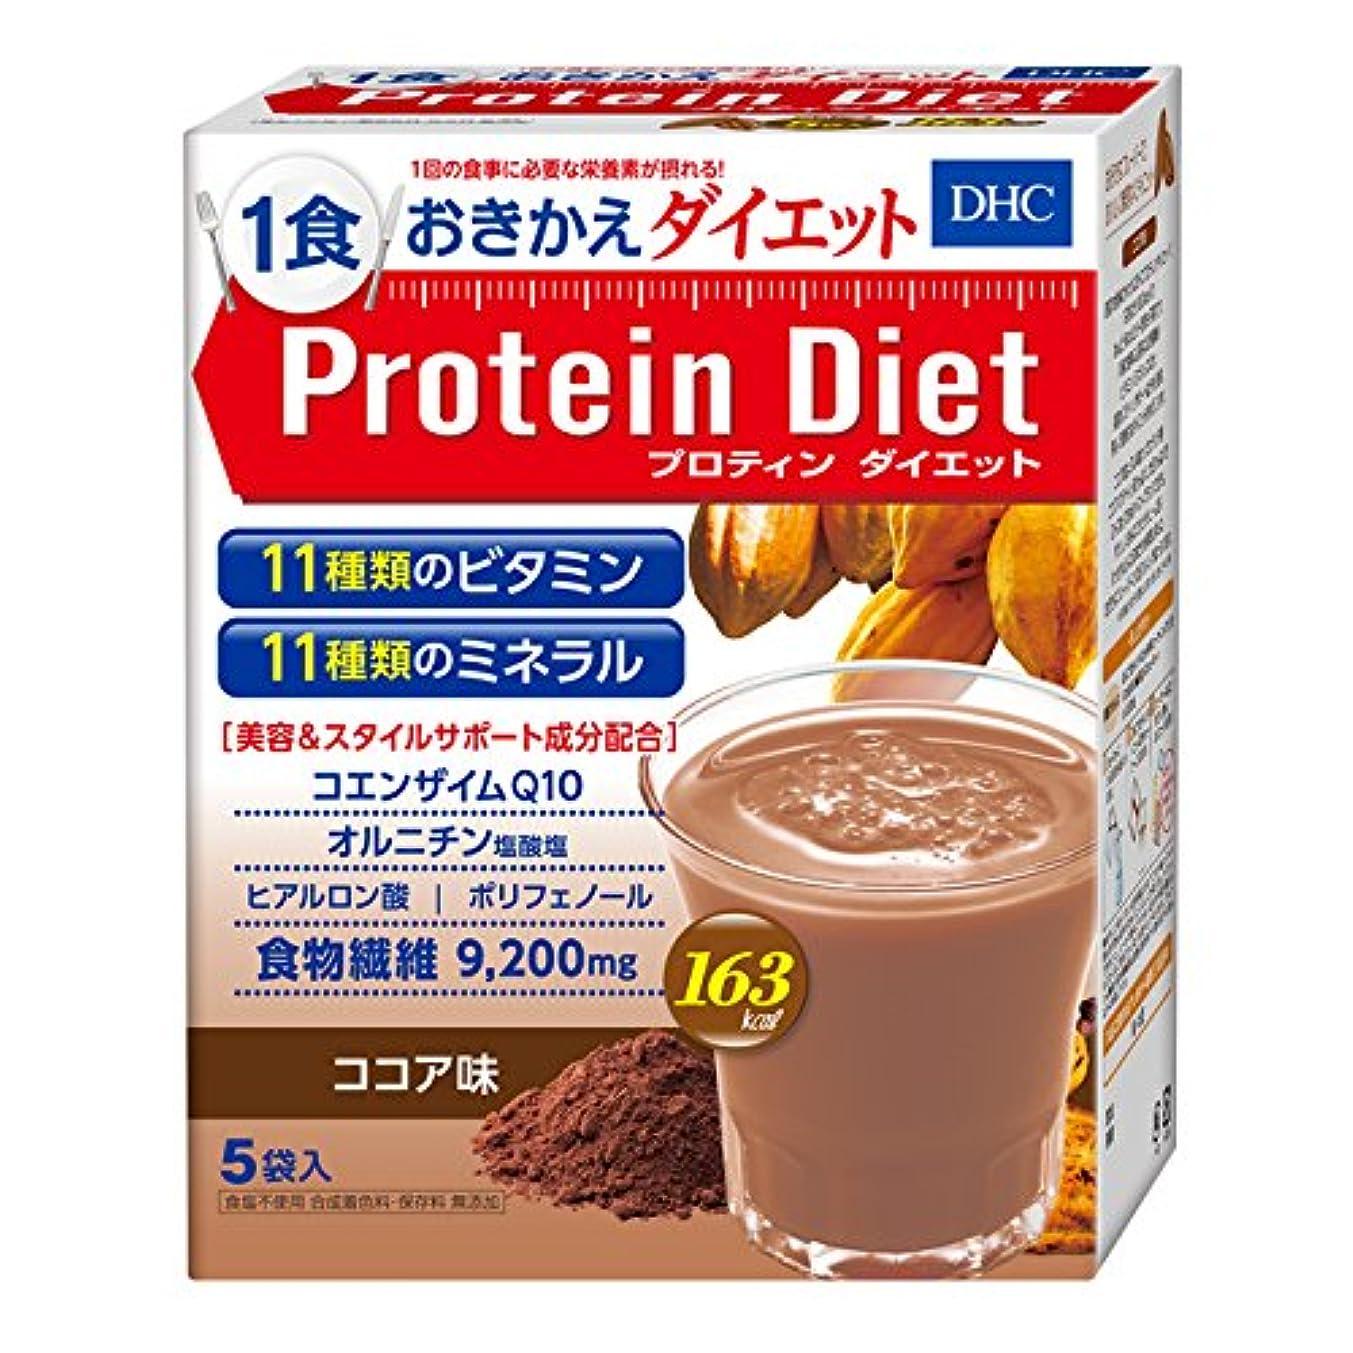 マオリ微視的モンゴメリーDHCプロティンダイエット(ココア味)